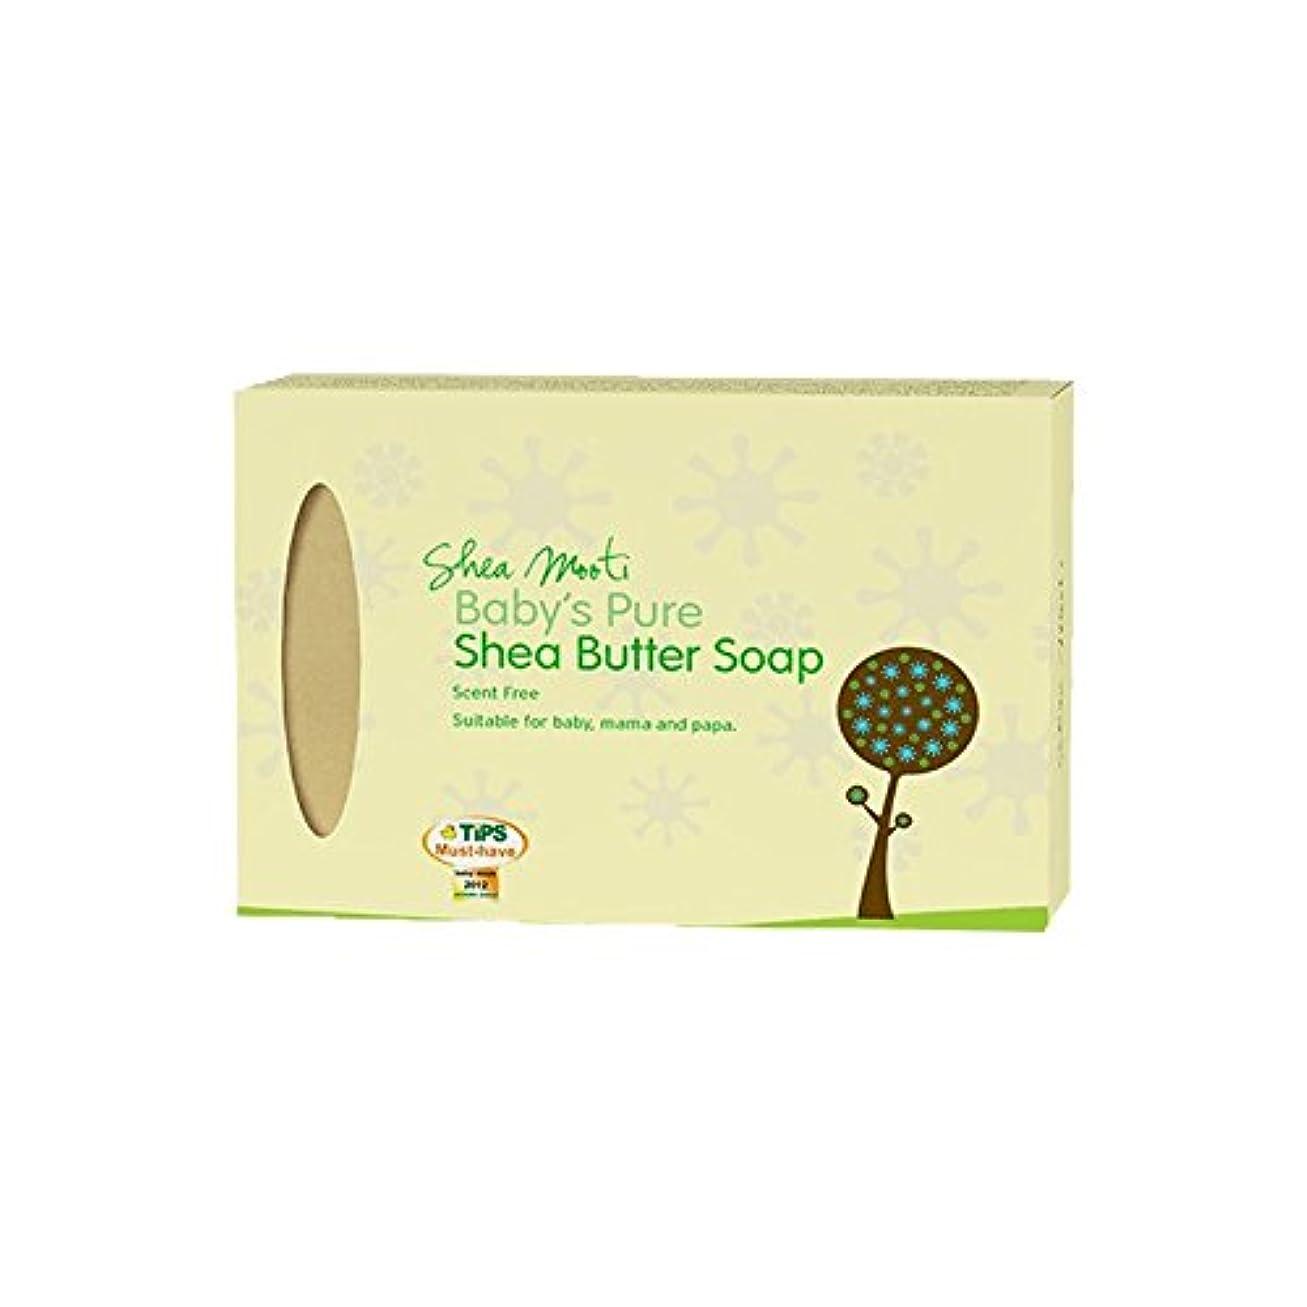 基準ほうきフィットShea Mooti Baby's Pure Shea Butter Soap Unscented 250ml (Pack of 2) - シアバターMooti赤ちゃんの純粋なシアバターソープ無香250ミリリットル (x2) [並行輸入品]